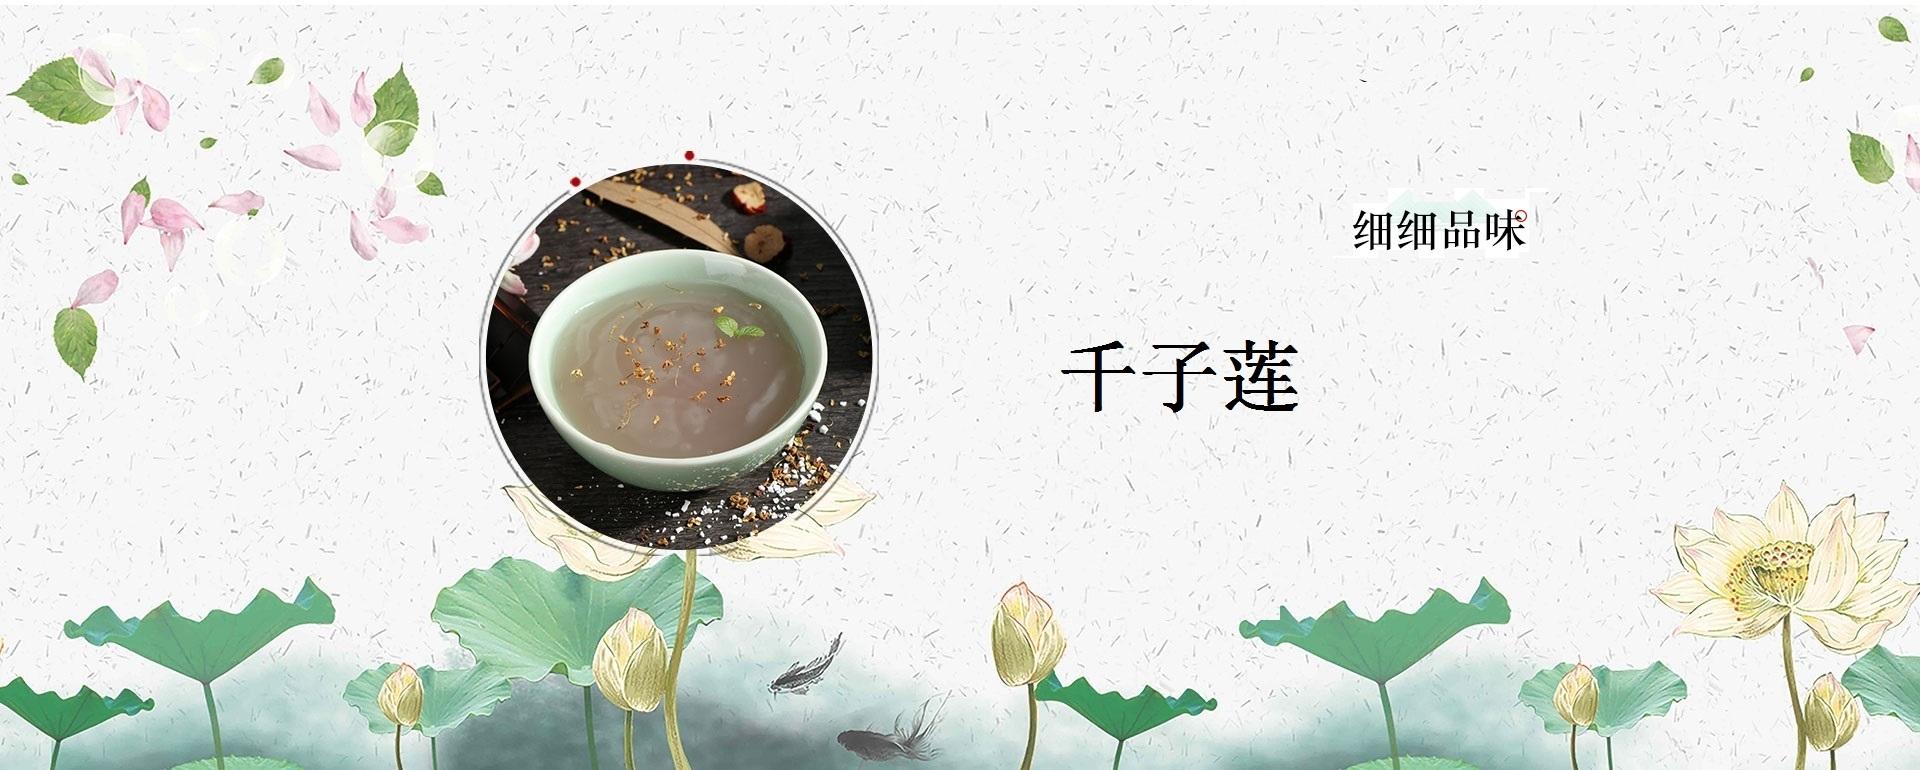 传承地道纯藕粉